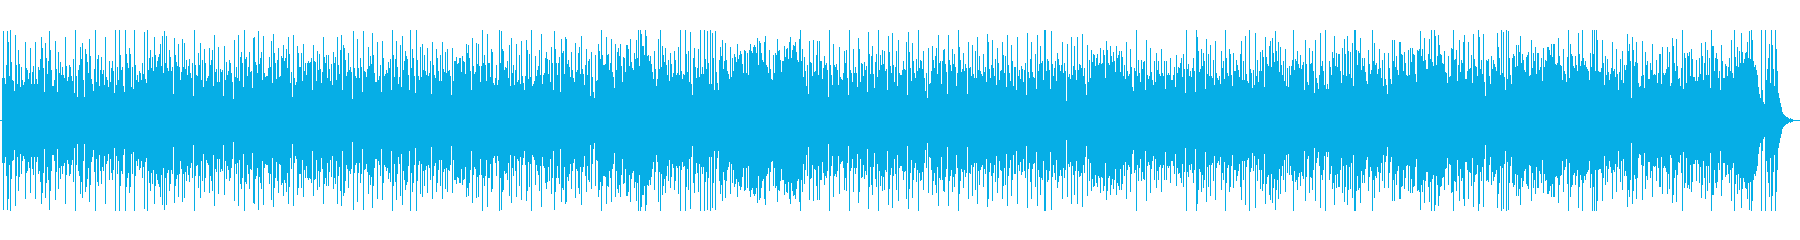 爽やかなリズムのポップスの再生済みの波形